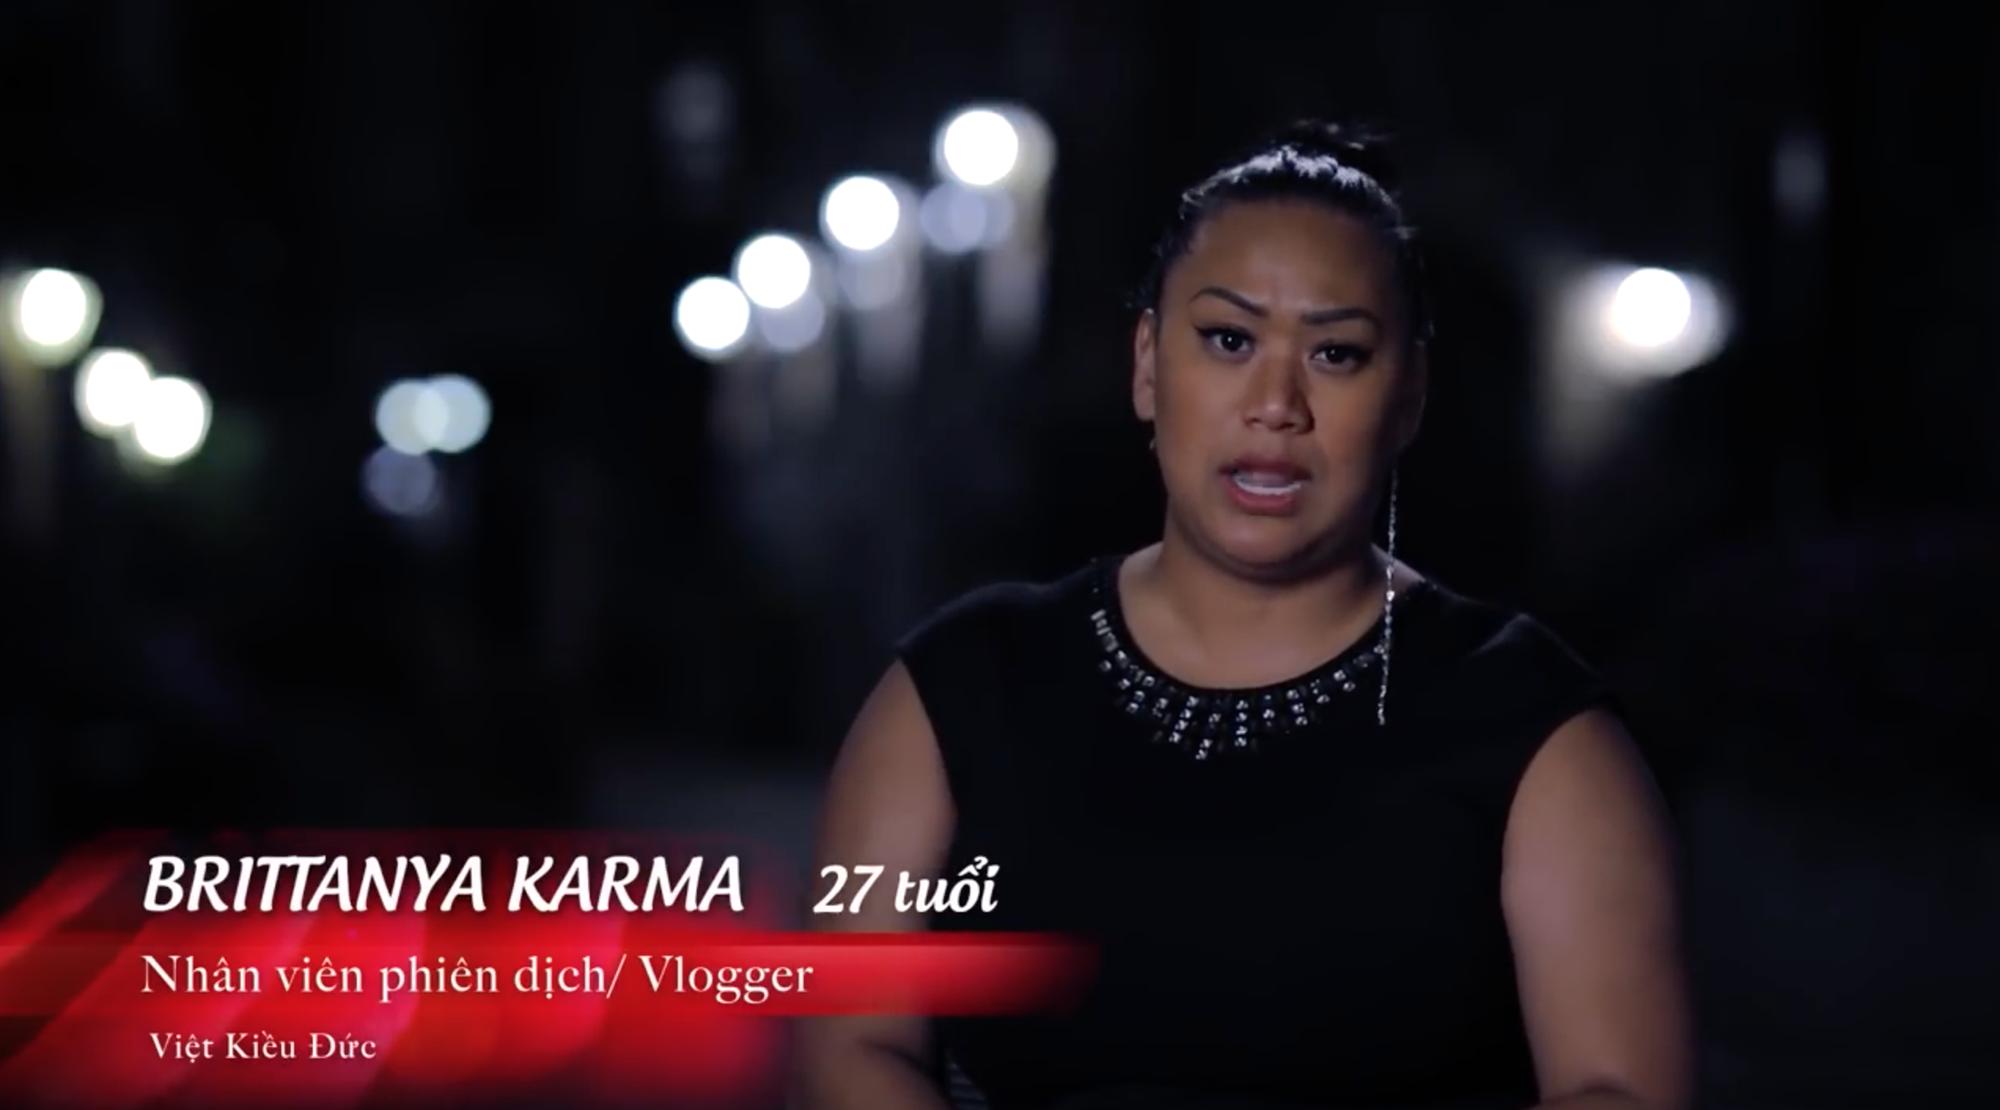 Nàng béo đáng yêu Brittanya Karma từ chối hẹn hò riêng với Anh chàng độc thân - Ảnh 2.